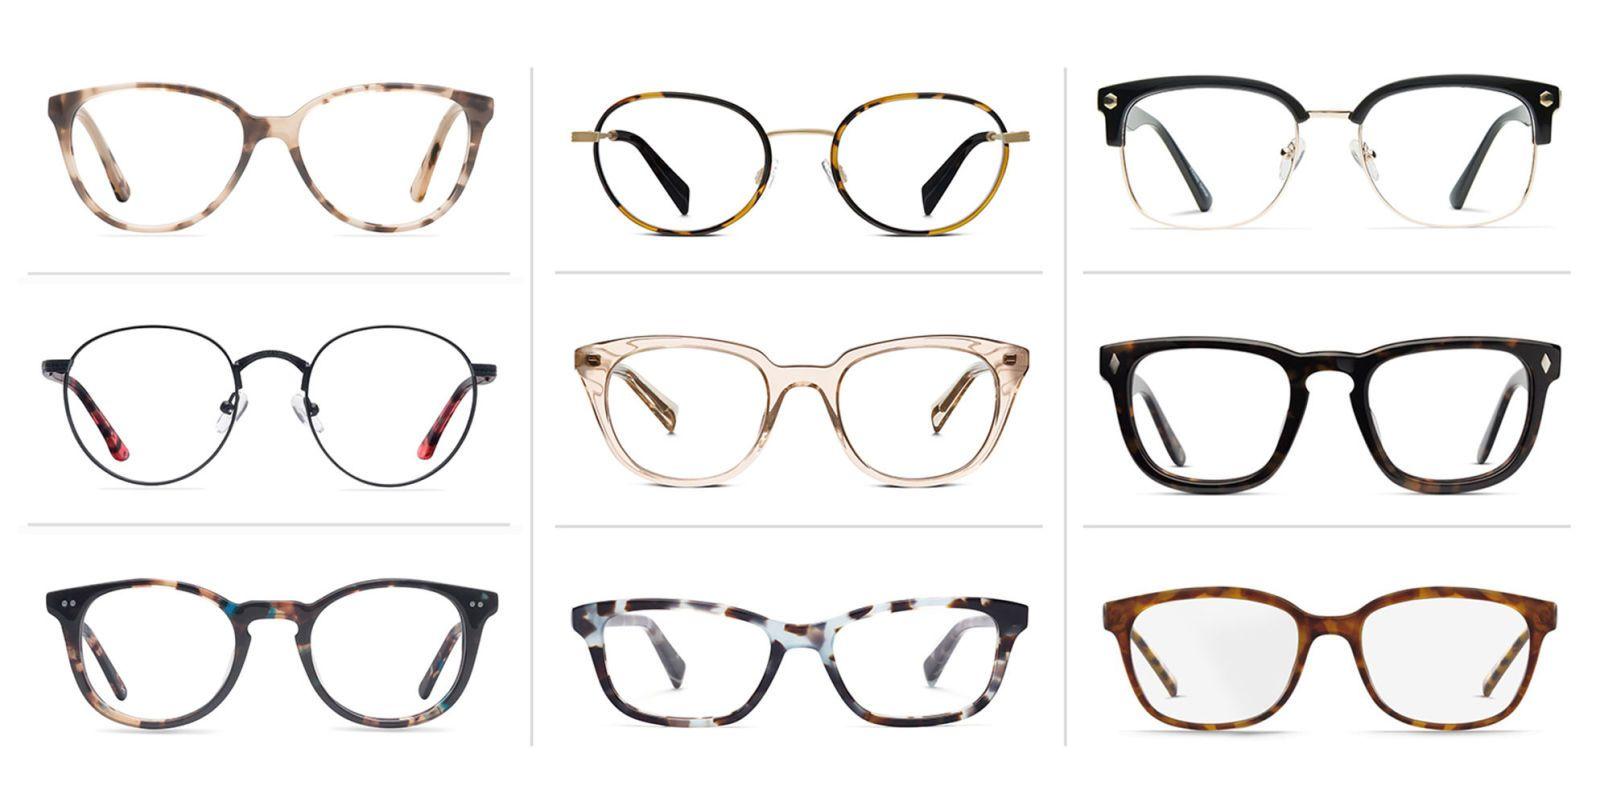 Where to Buy Sunglasses